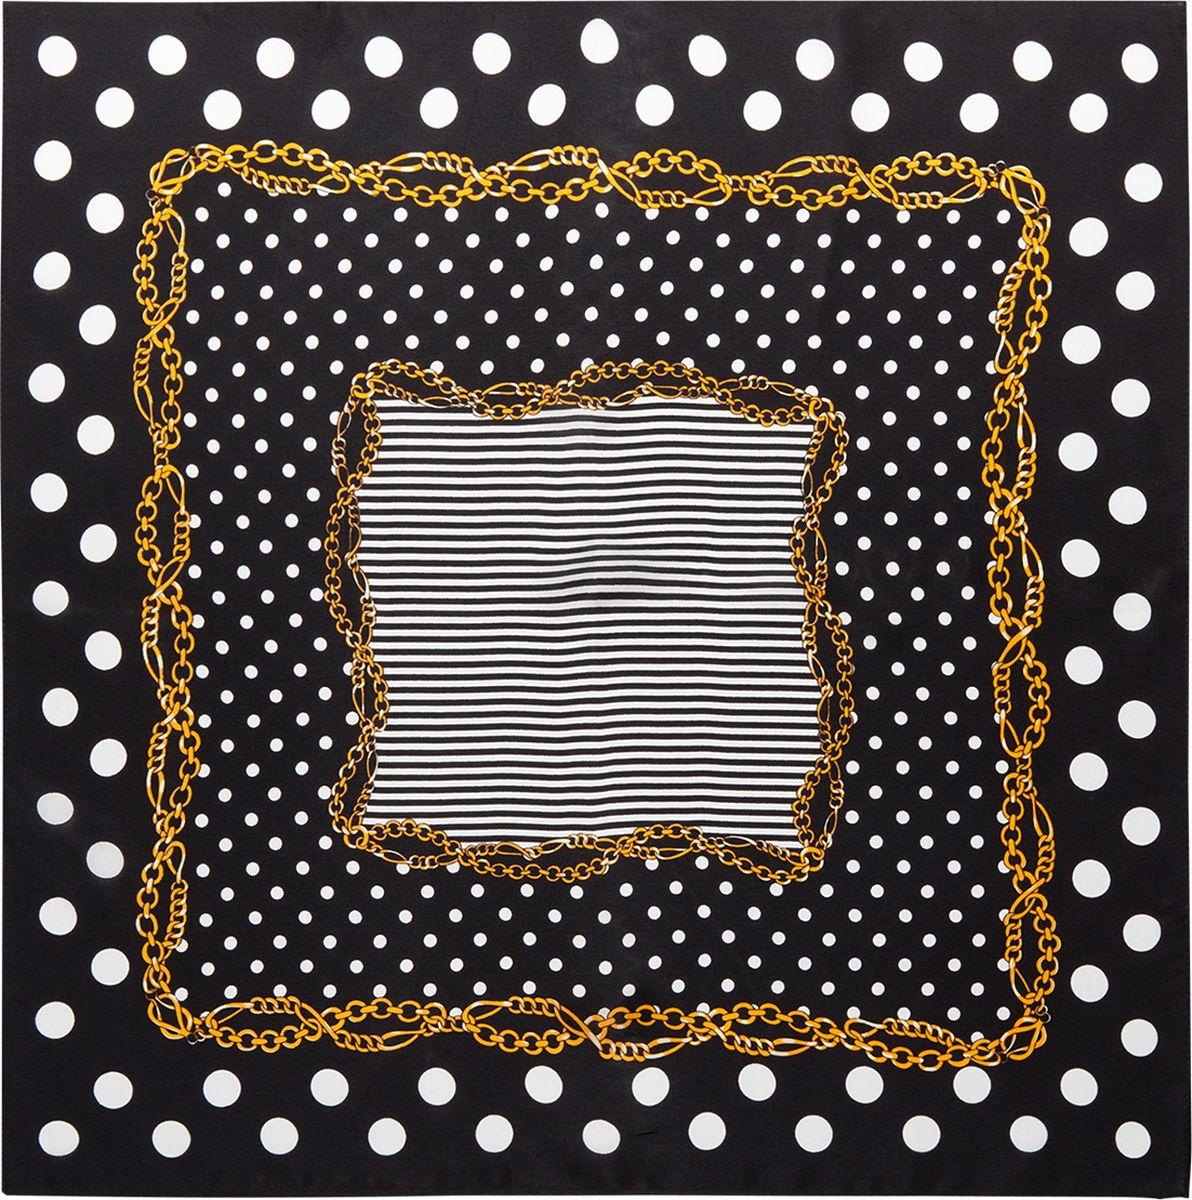 Платок женский Eleganzza, цвет: черный, белый. SS03-7878. Размер 53 см х 53 смSS03-7878Платок Eleganzza выполнен из шелка. Модель оформлена контрастным принтом. Классическая квадратная форма позволяет носить платок на шее, украшать им прическу или декорировать сумочку.